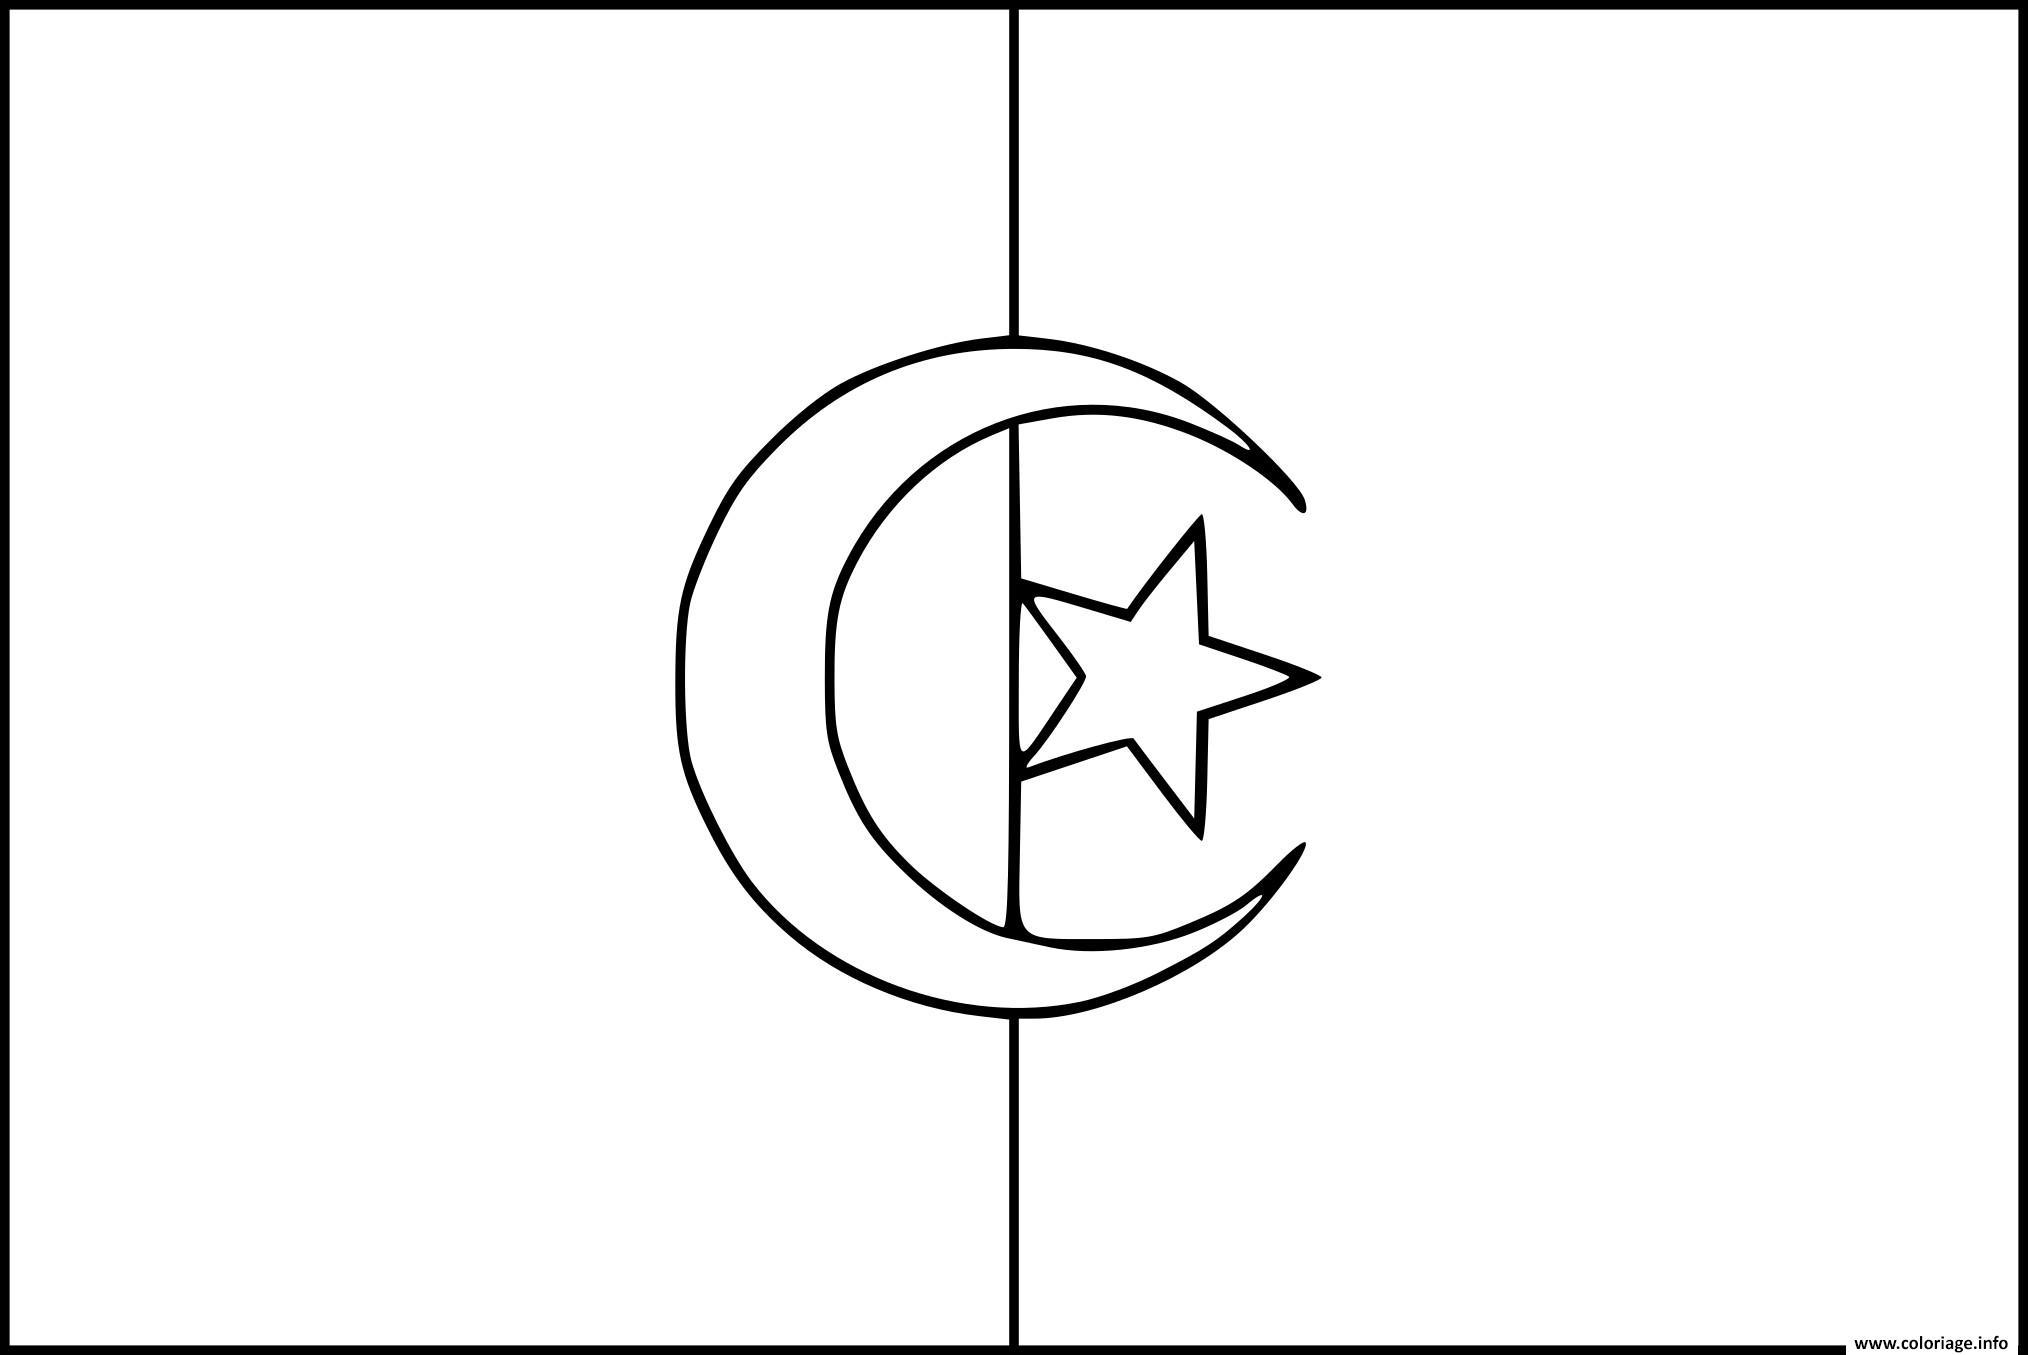 Dessin drapeau algerie Coloriage Gratuit à Imprimer